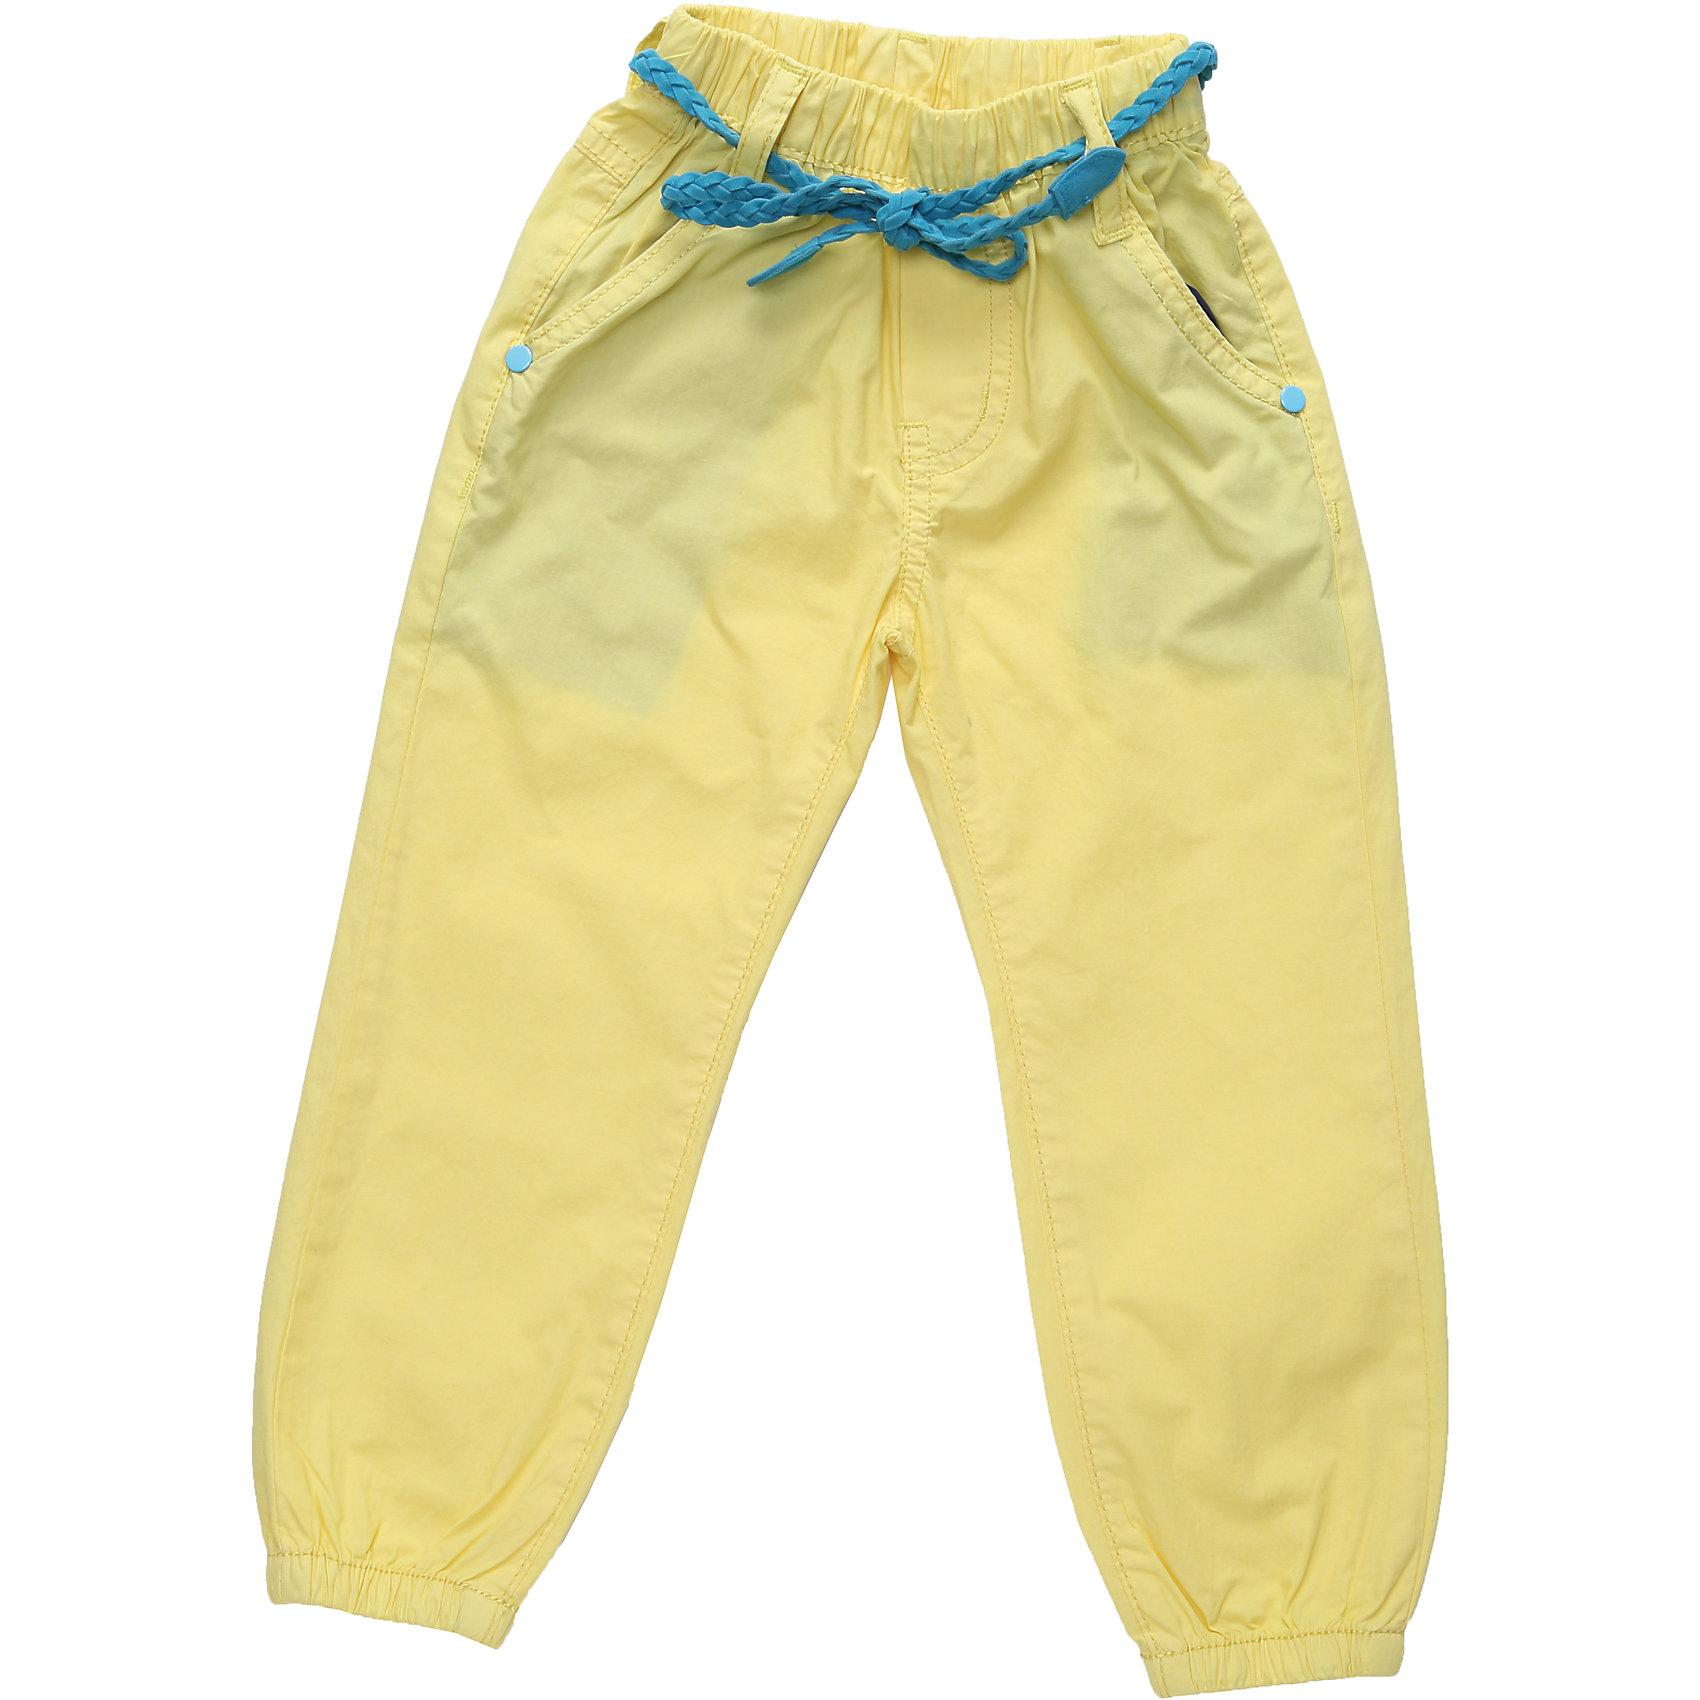 Брюки для девочки Sweet BerryХлопковые брюки яркого цвета, с регулируемым шнурком на поясе. Брюки внизу декорированы резинкой.<br>Состав:<br>100% хлопок<br><br>Ширина мм: 215<br>Глубина мм: 88<br>Высота мм: 191<br>Вес г: 336<br>Цвет: желтый<br>Возраст от месяцев: 12<br>Возраст до месяцев: 15<br>Пол: Женский<br>Возраст: Детский<br>Размер: 80,92,86,98<br>SKU: 4018419